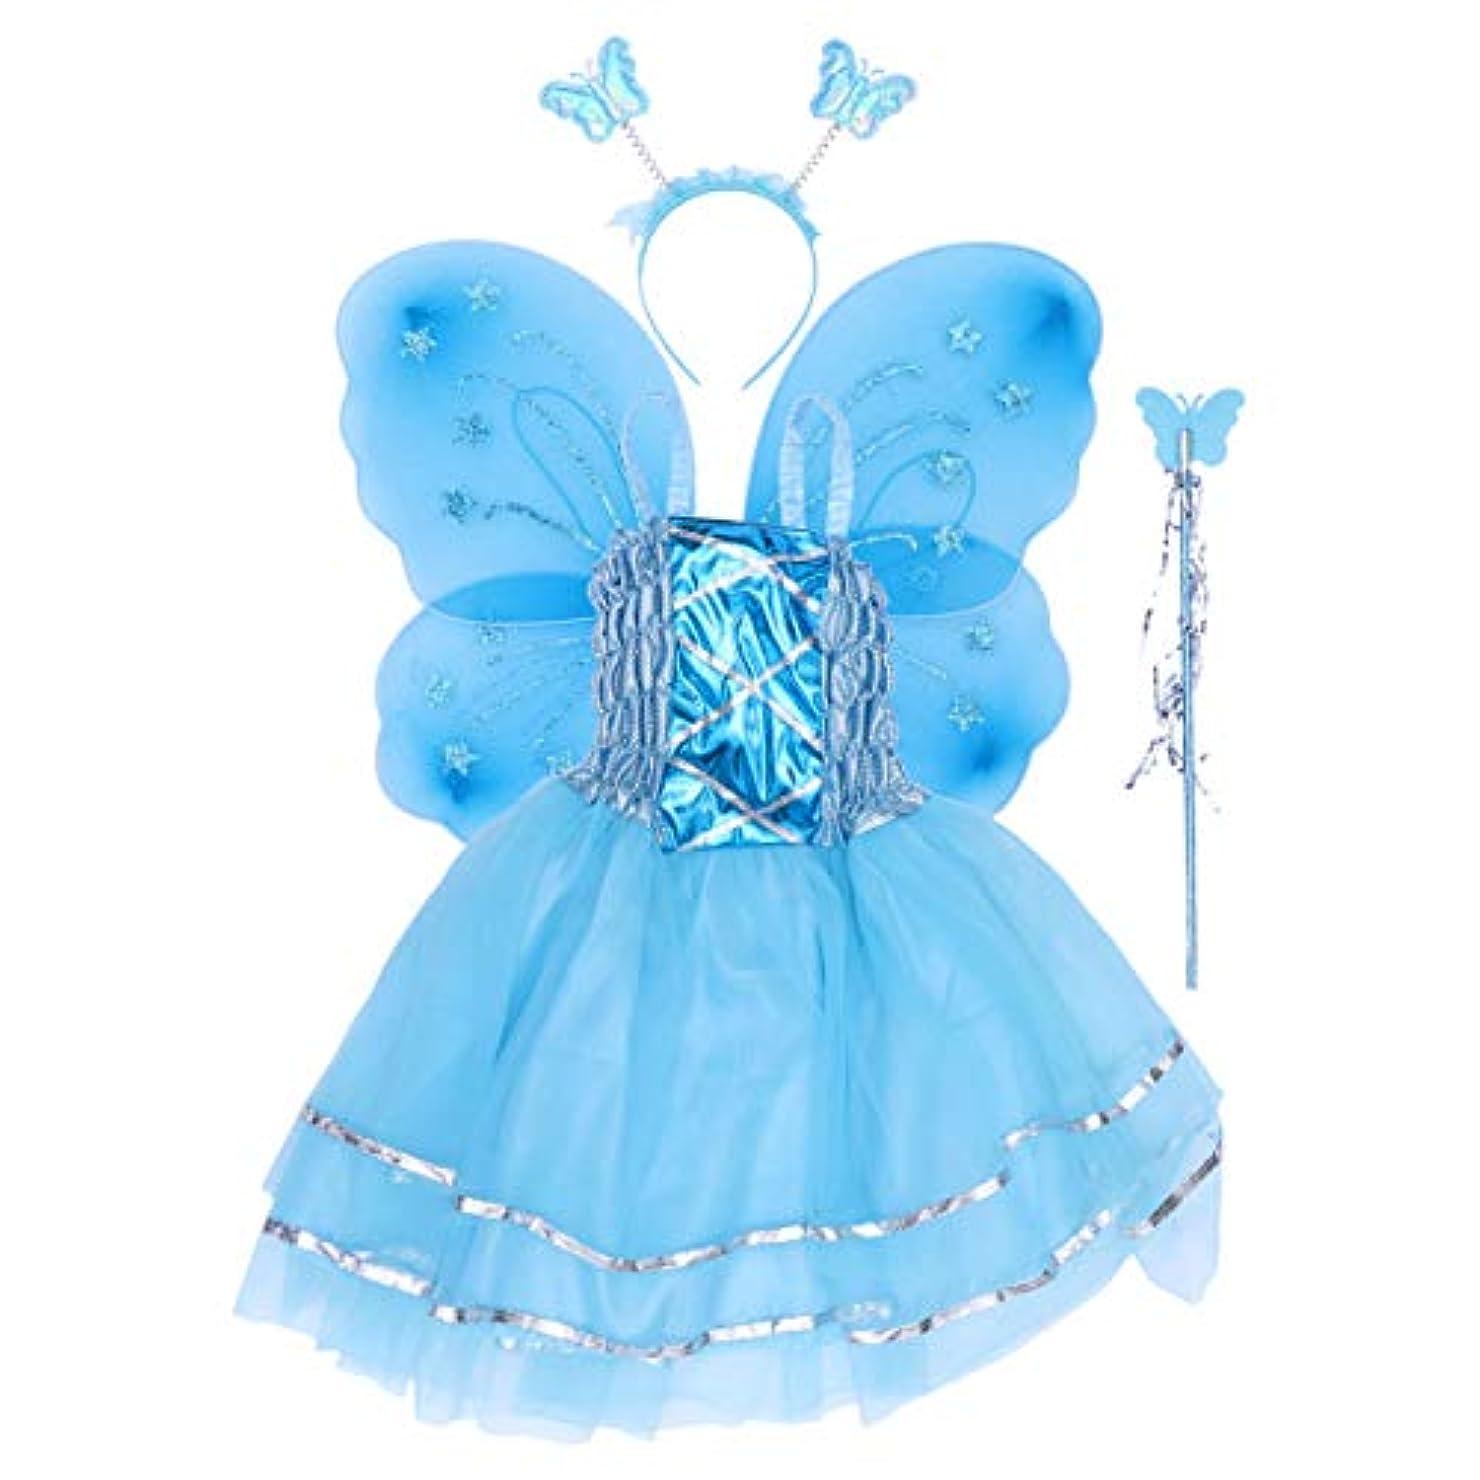 うそつき破壊的な多年生BESTOYARD 蝶の羽、ワンド、ヘッドバンド、ツツードレス(スカイブルー)と4個の女の子バタフライプリンセス妖精のコスチュームセット